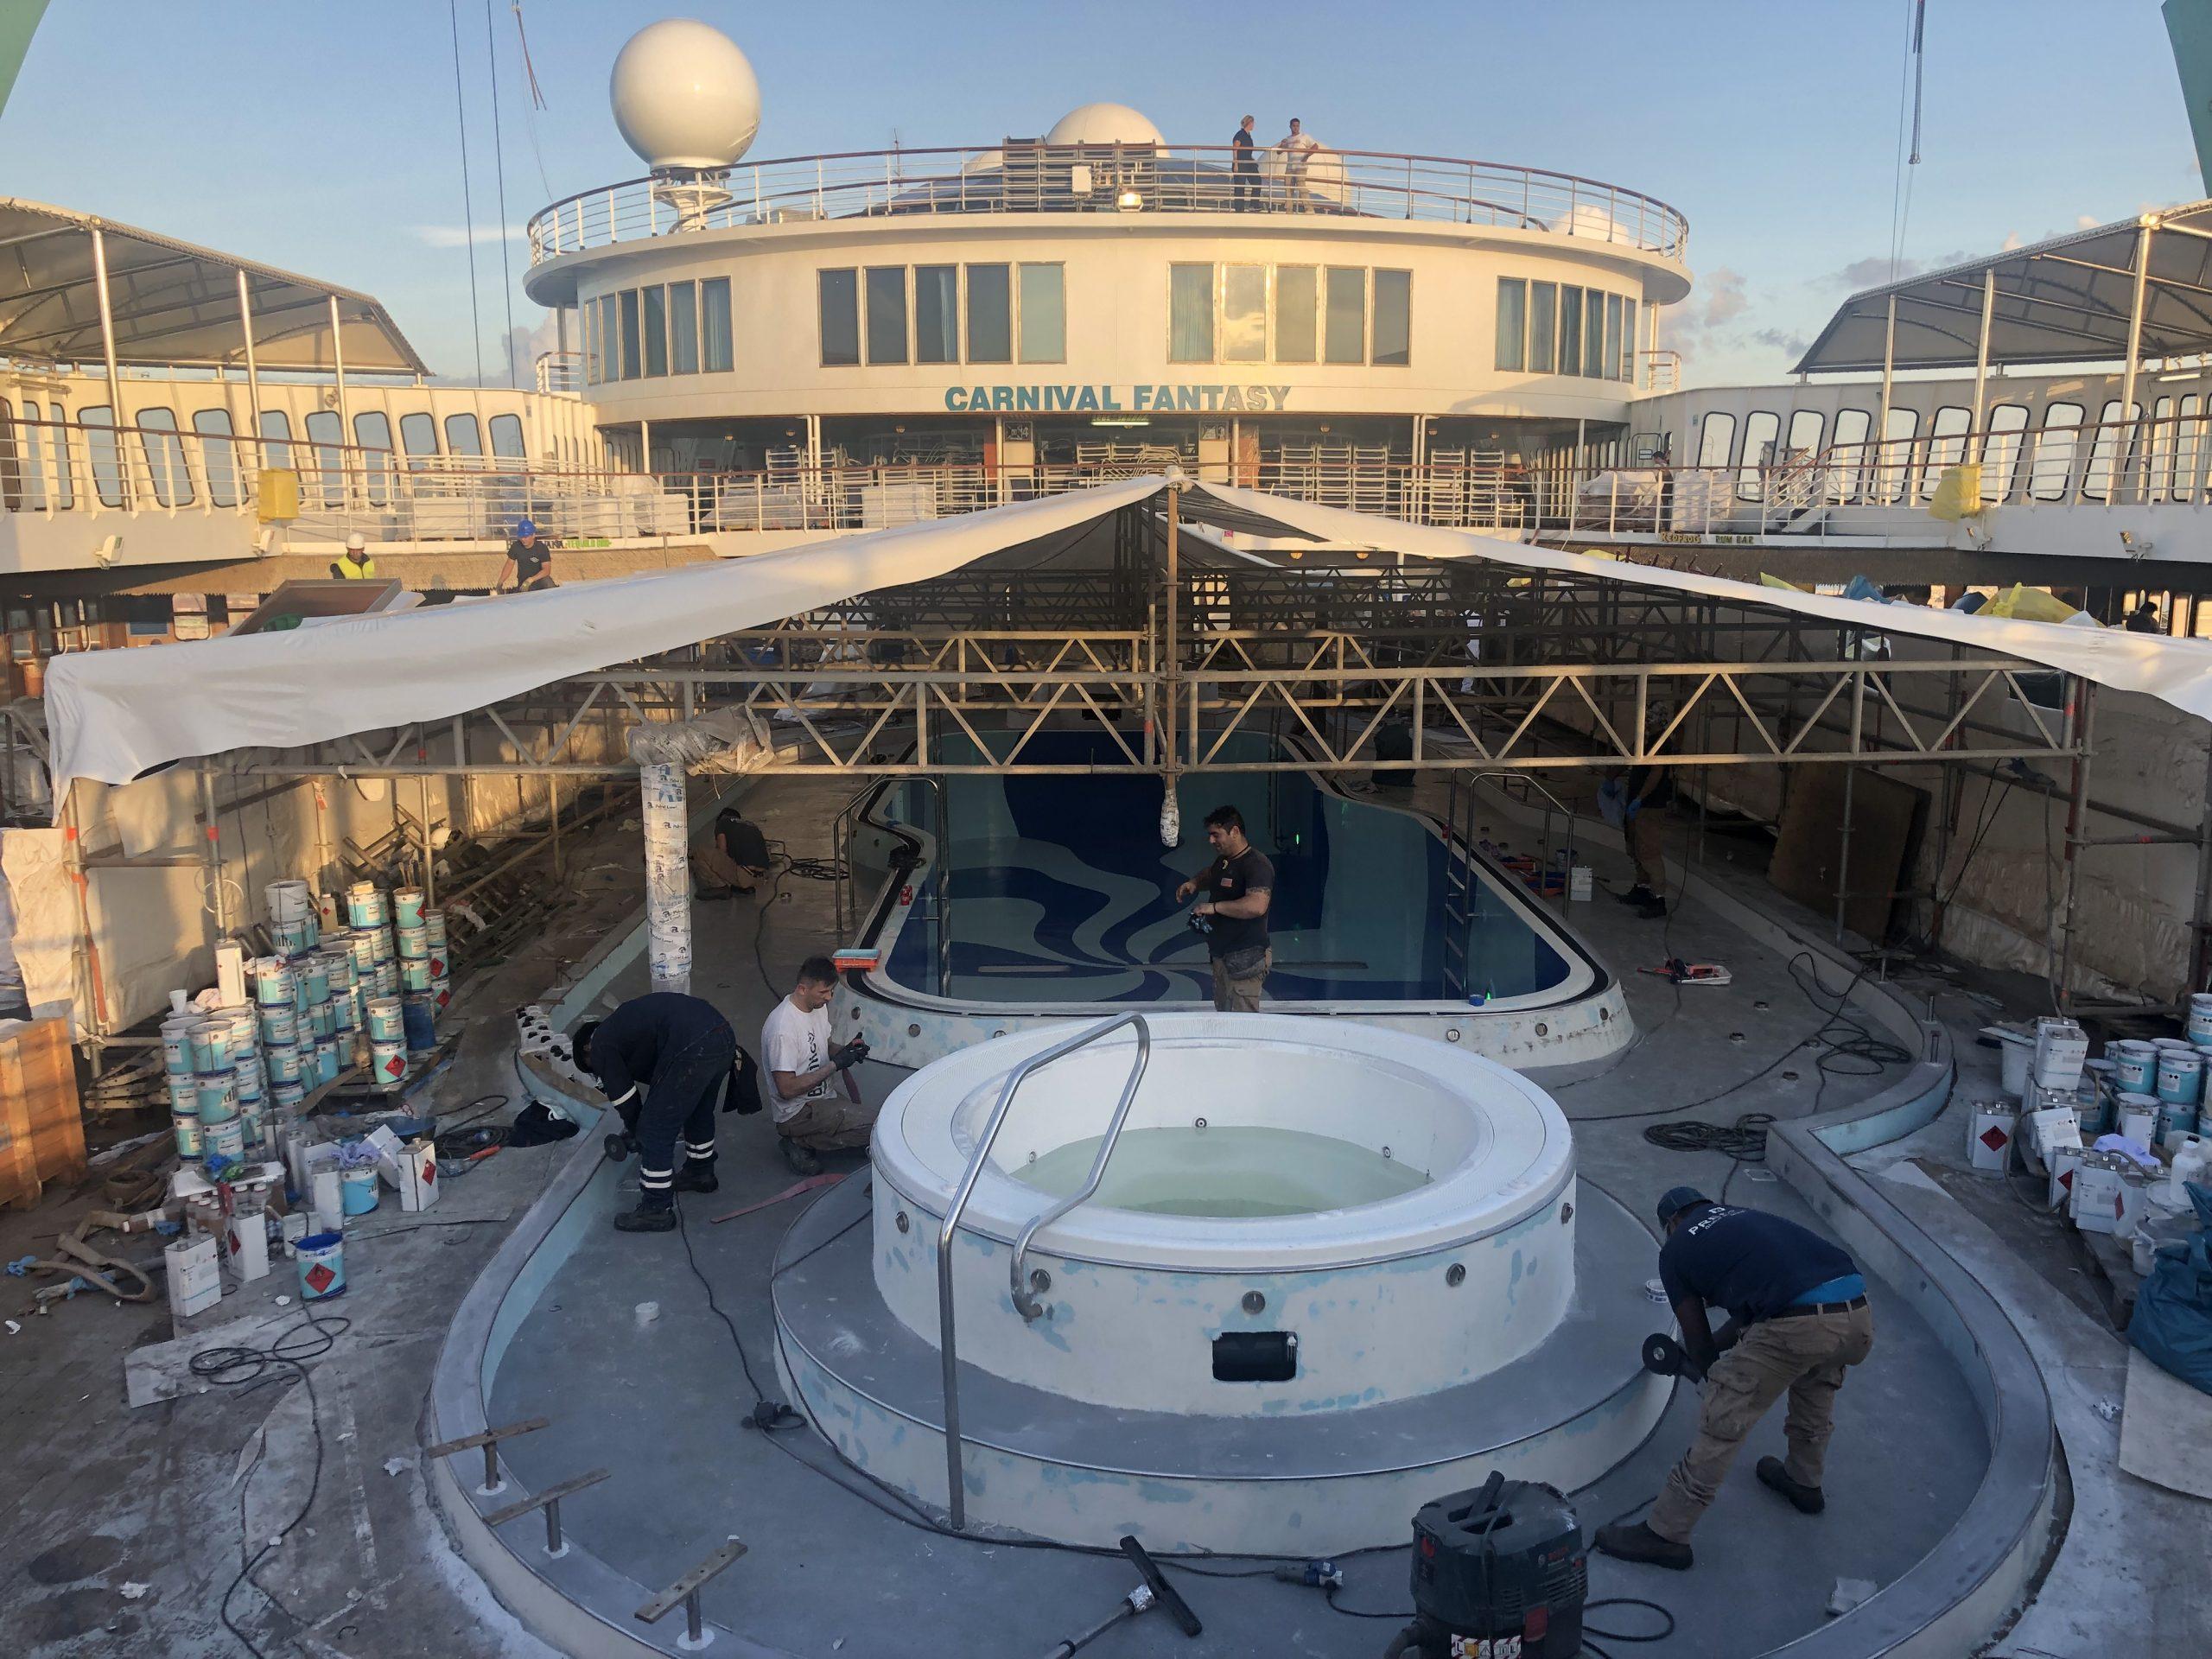 Carnival cruise Fantasy diego bormida artist pool chemco design epoxy resin precetti (18)